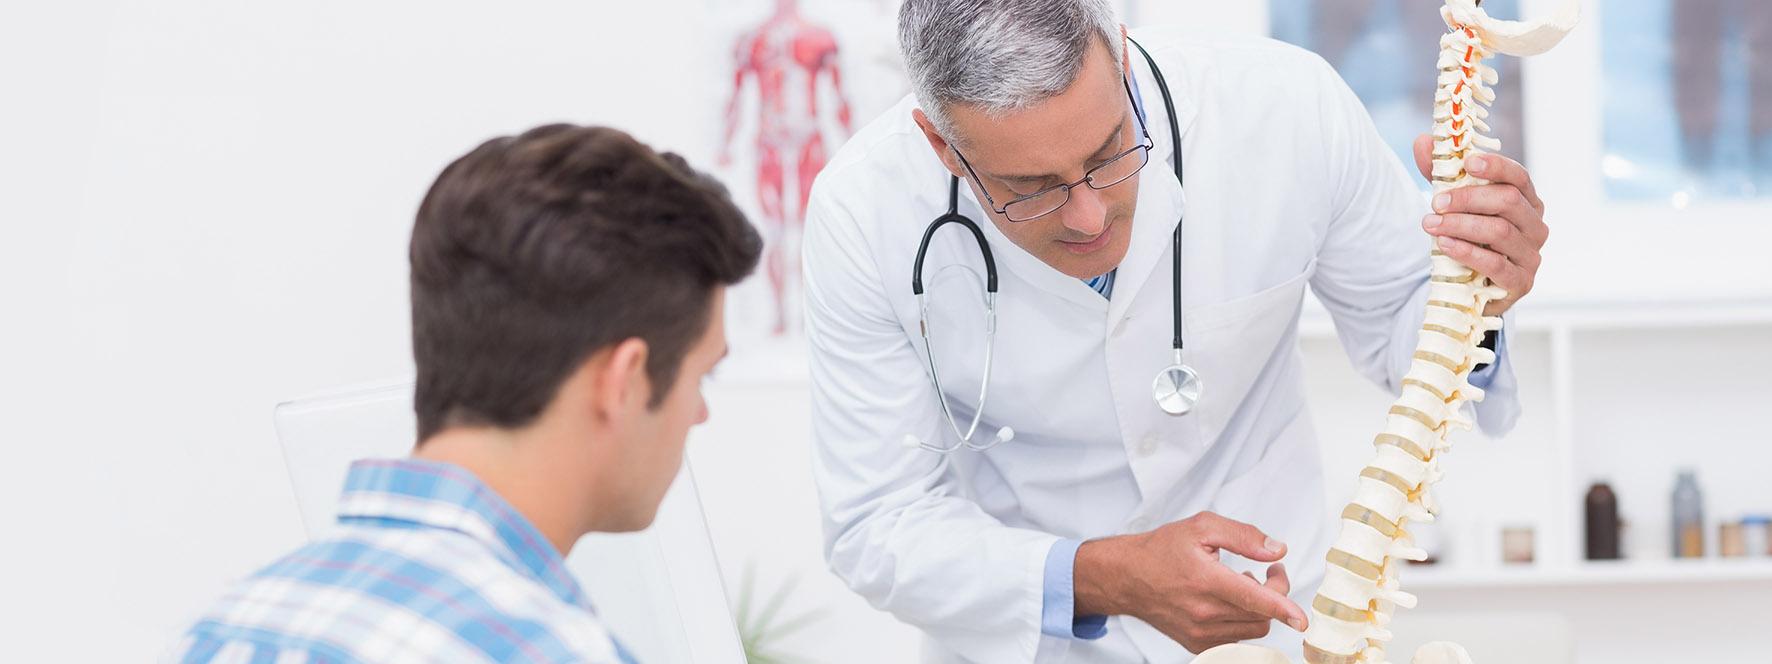 What is tetraplegia?